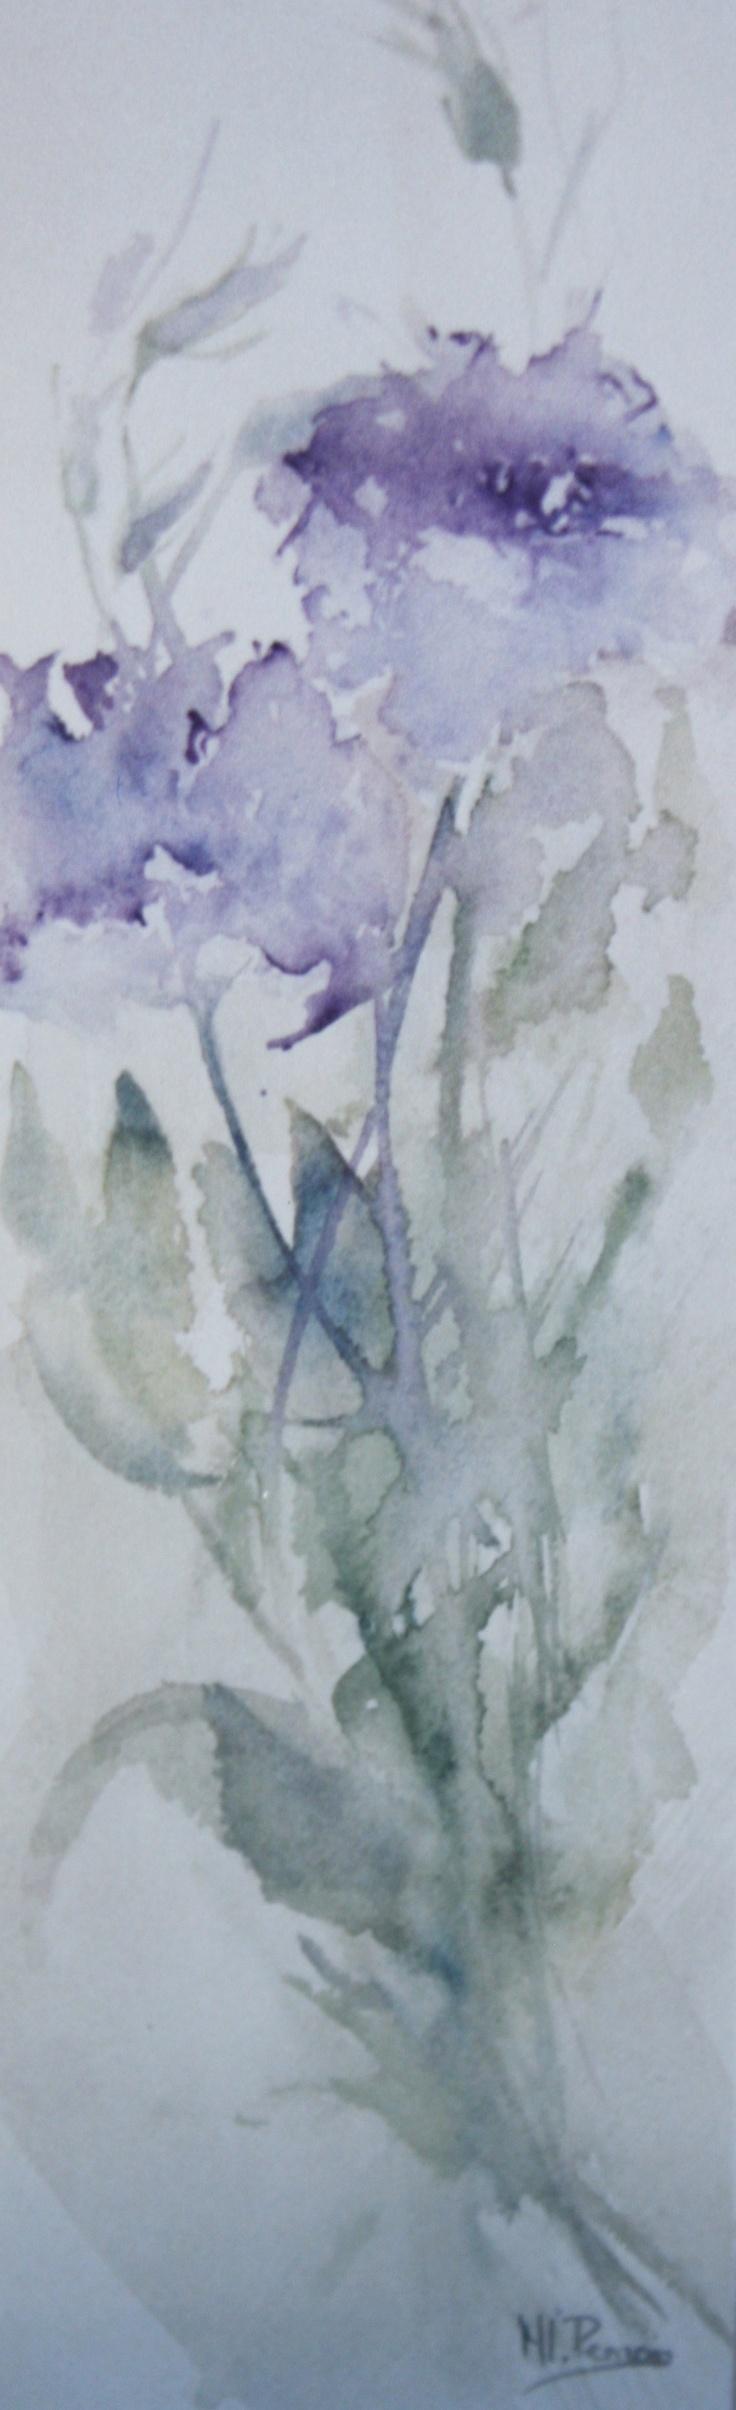 Violet flowers / Flores violetas - Watercolour / Acuarela